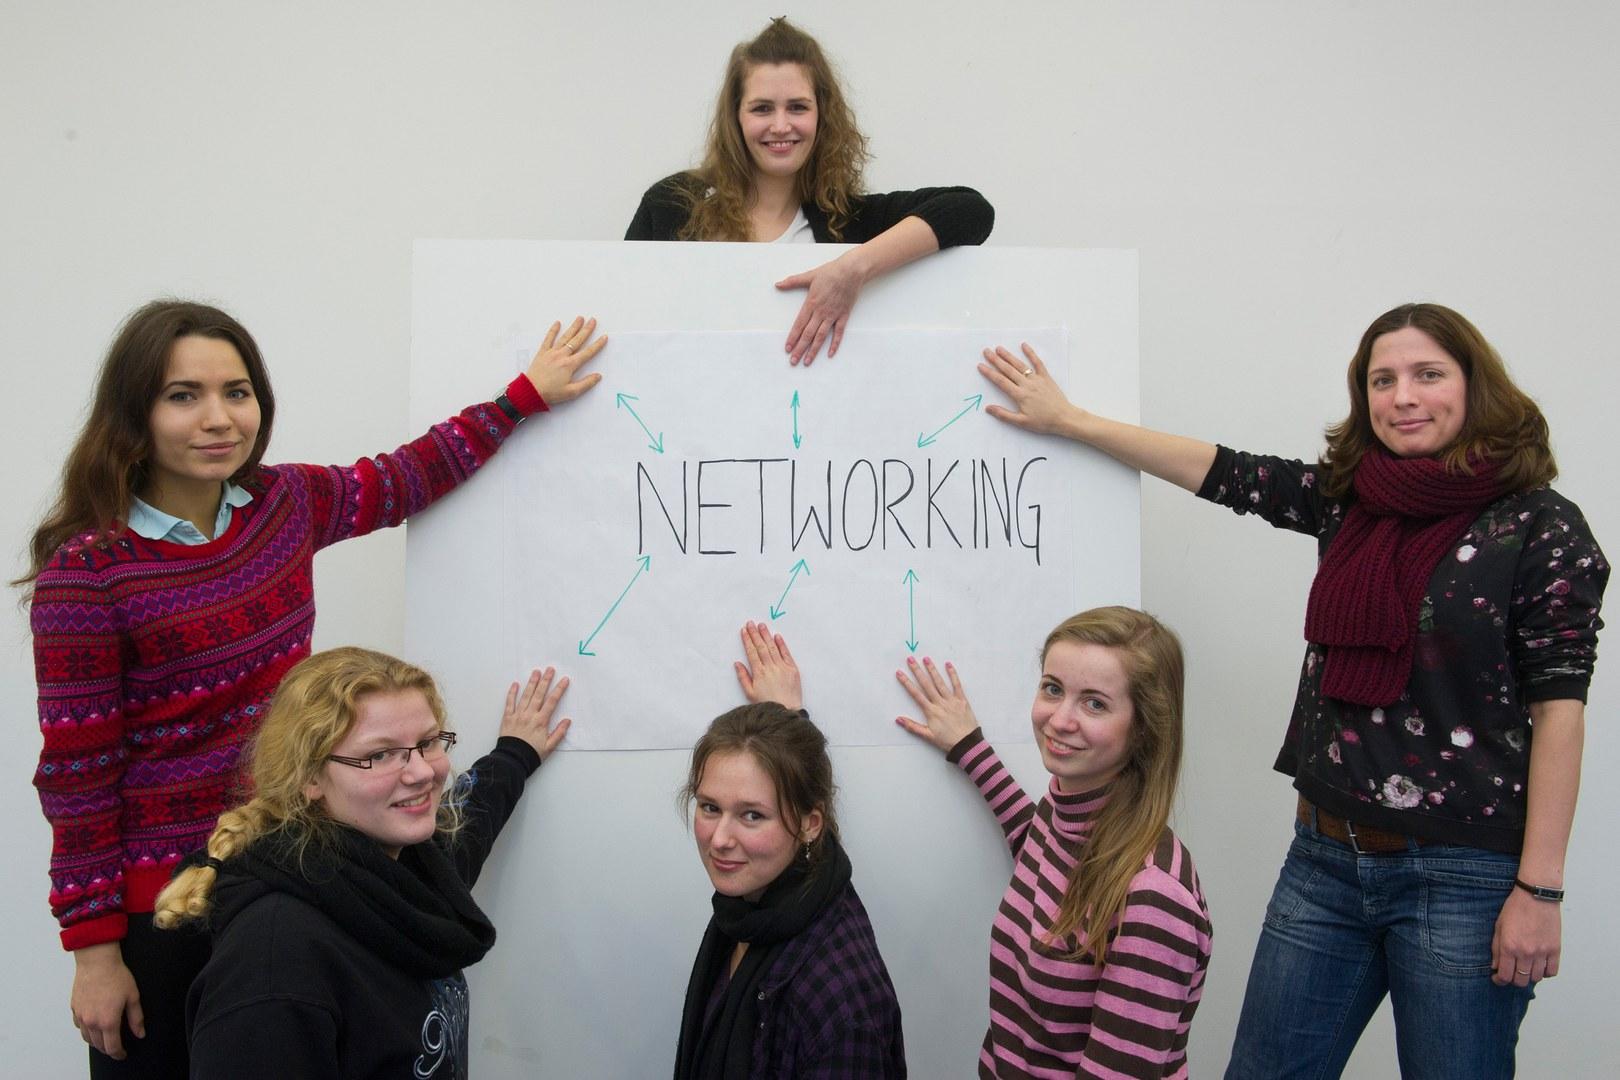 Ein gutes Netzwerk steigert die Karrierechancen: